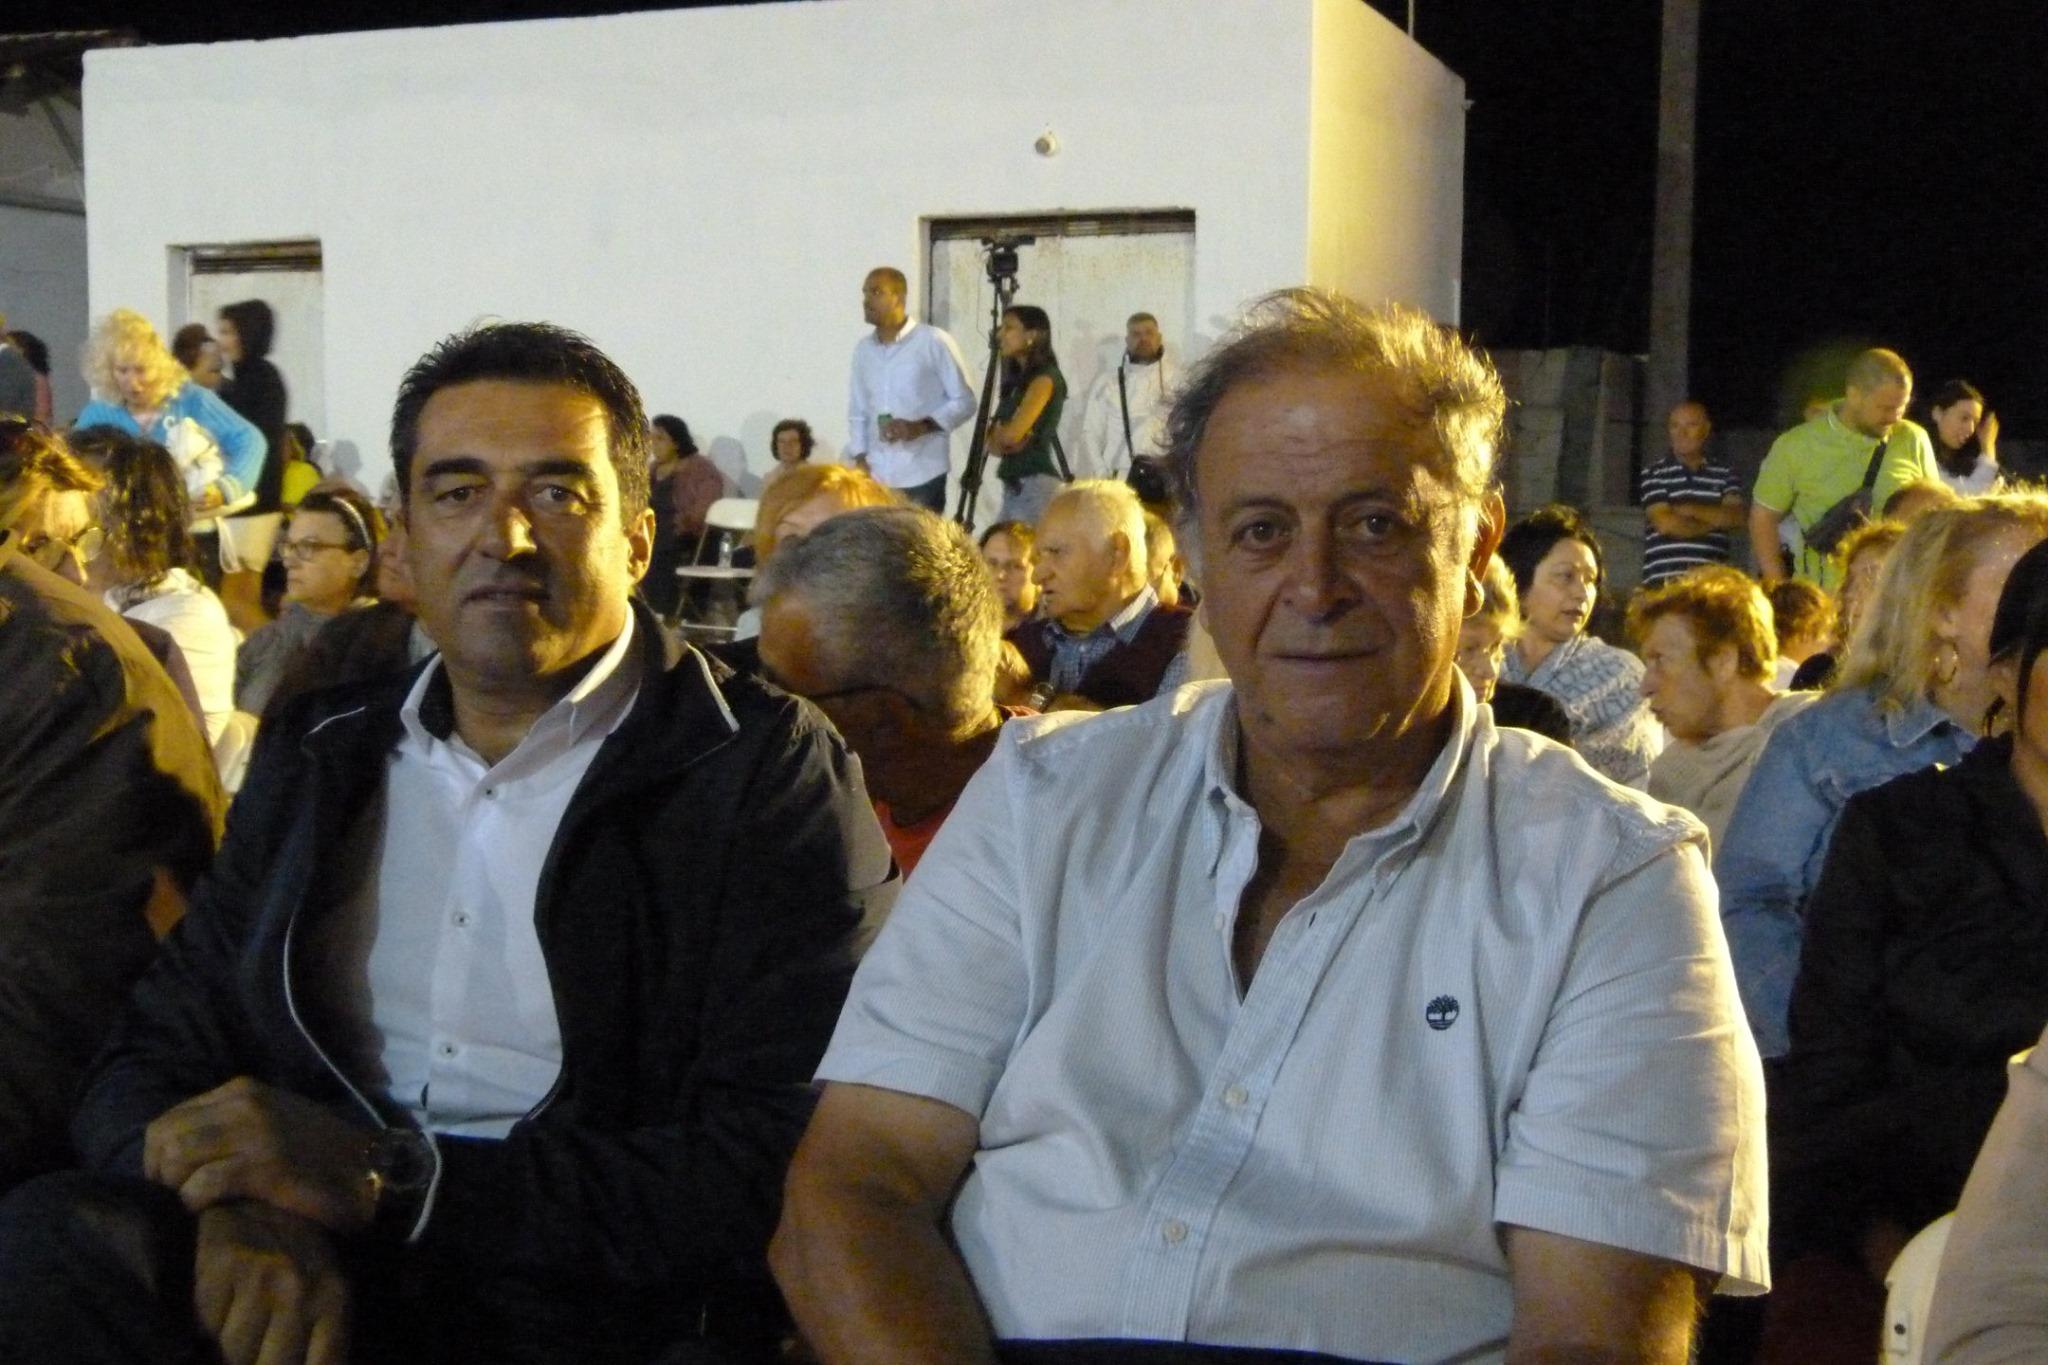 Παύλος Σατολιάς Γιώργος Γκούφας κεντρική εκδήλωση